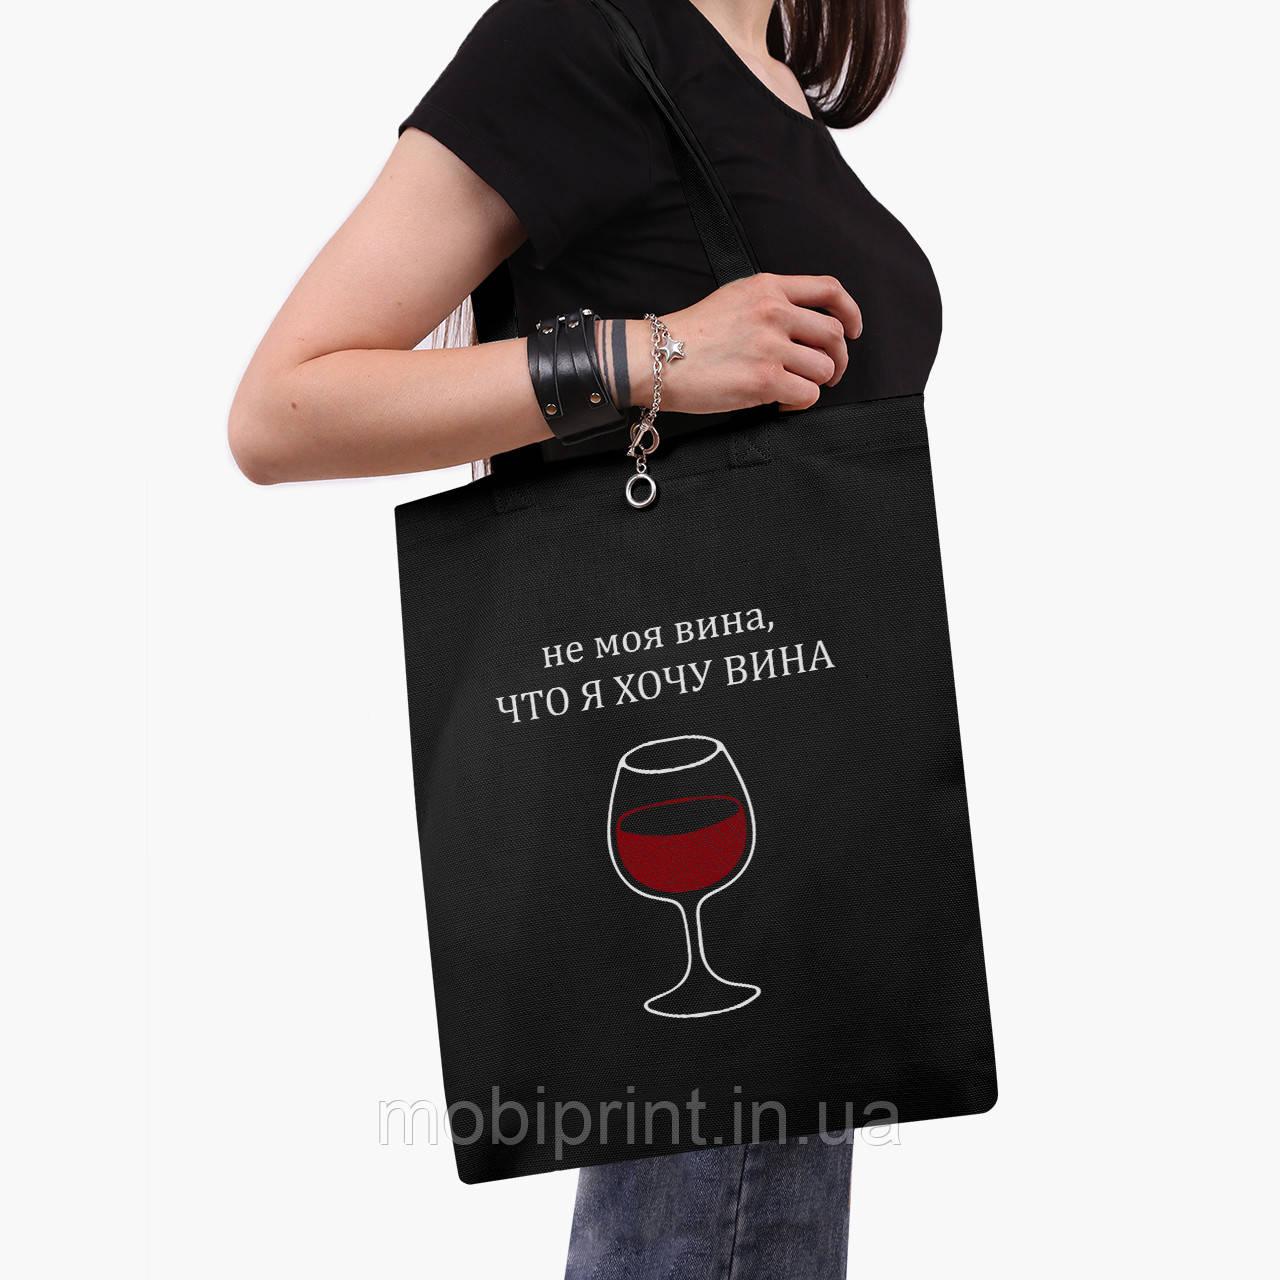 Еко сумка шоппер чорна Не моя вина, що я хочу вина (it's not my fault that I want wine) (9227-1783-2) 41*35 см